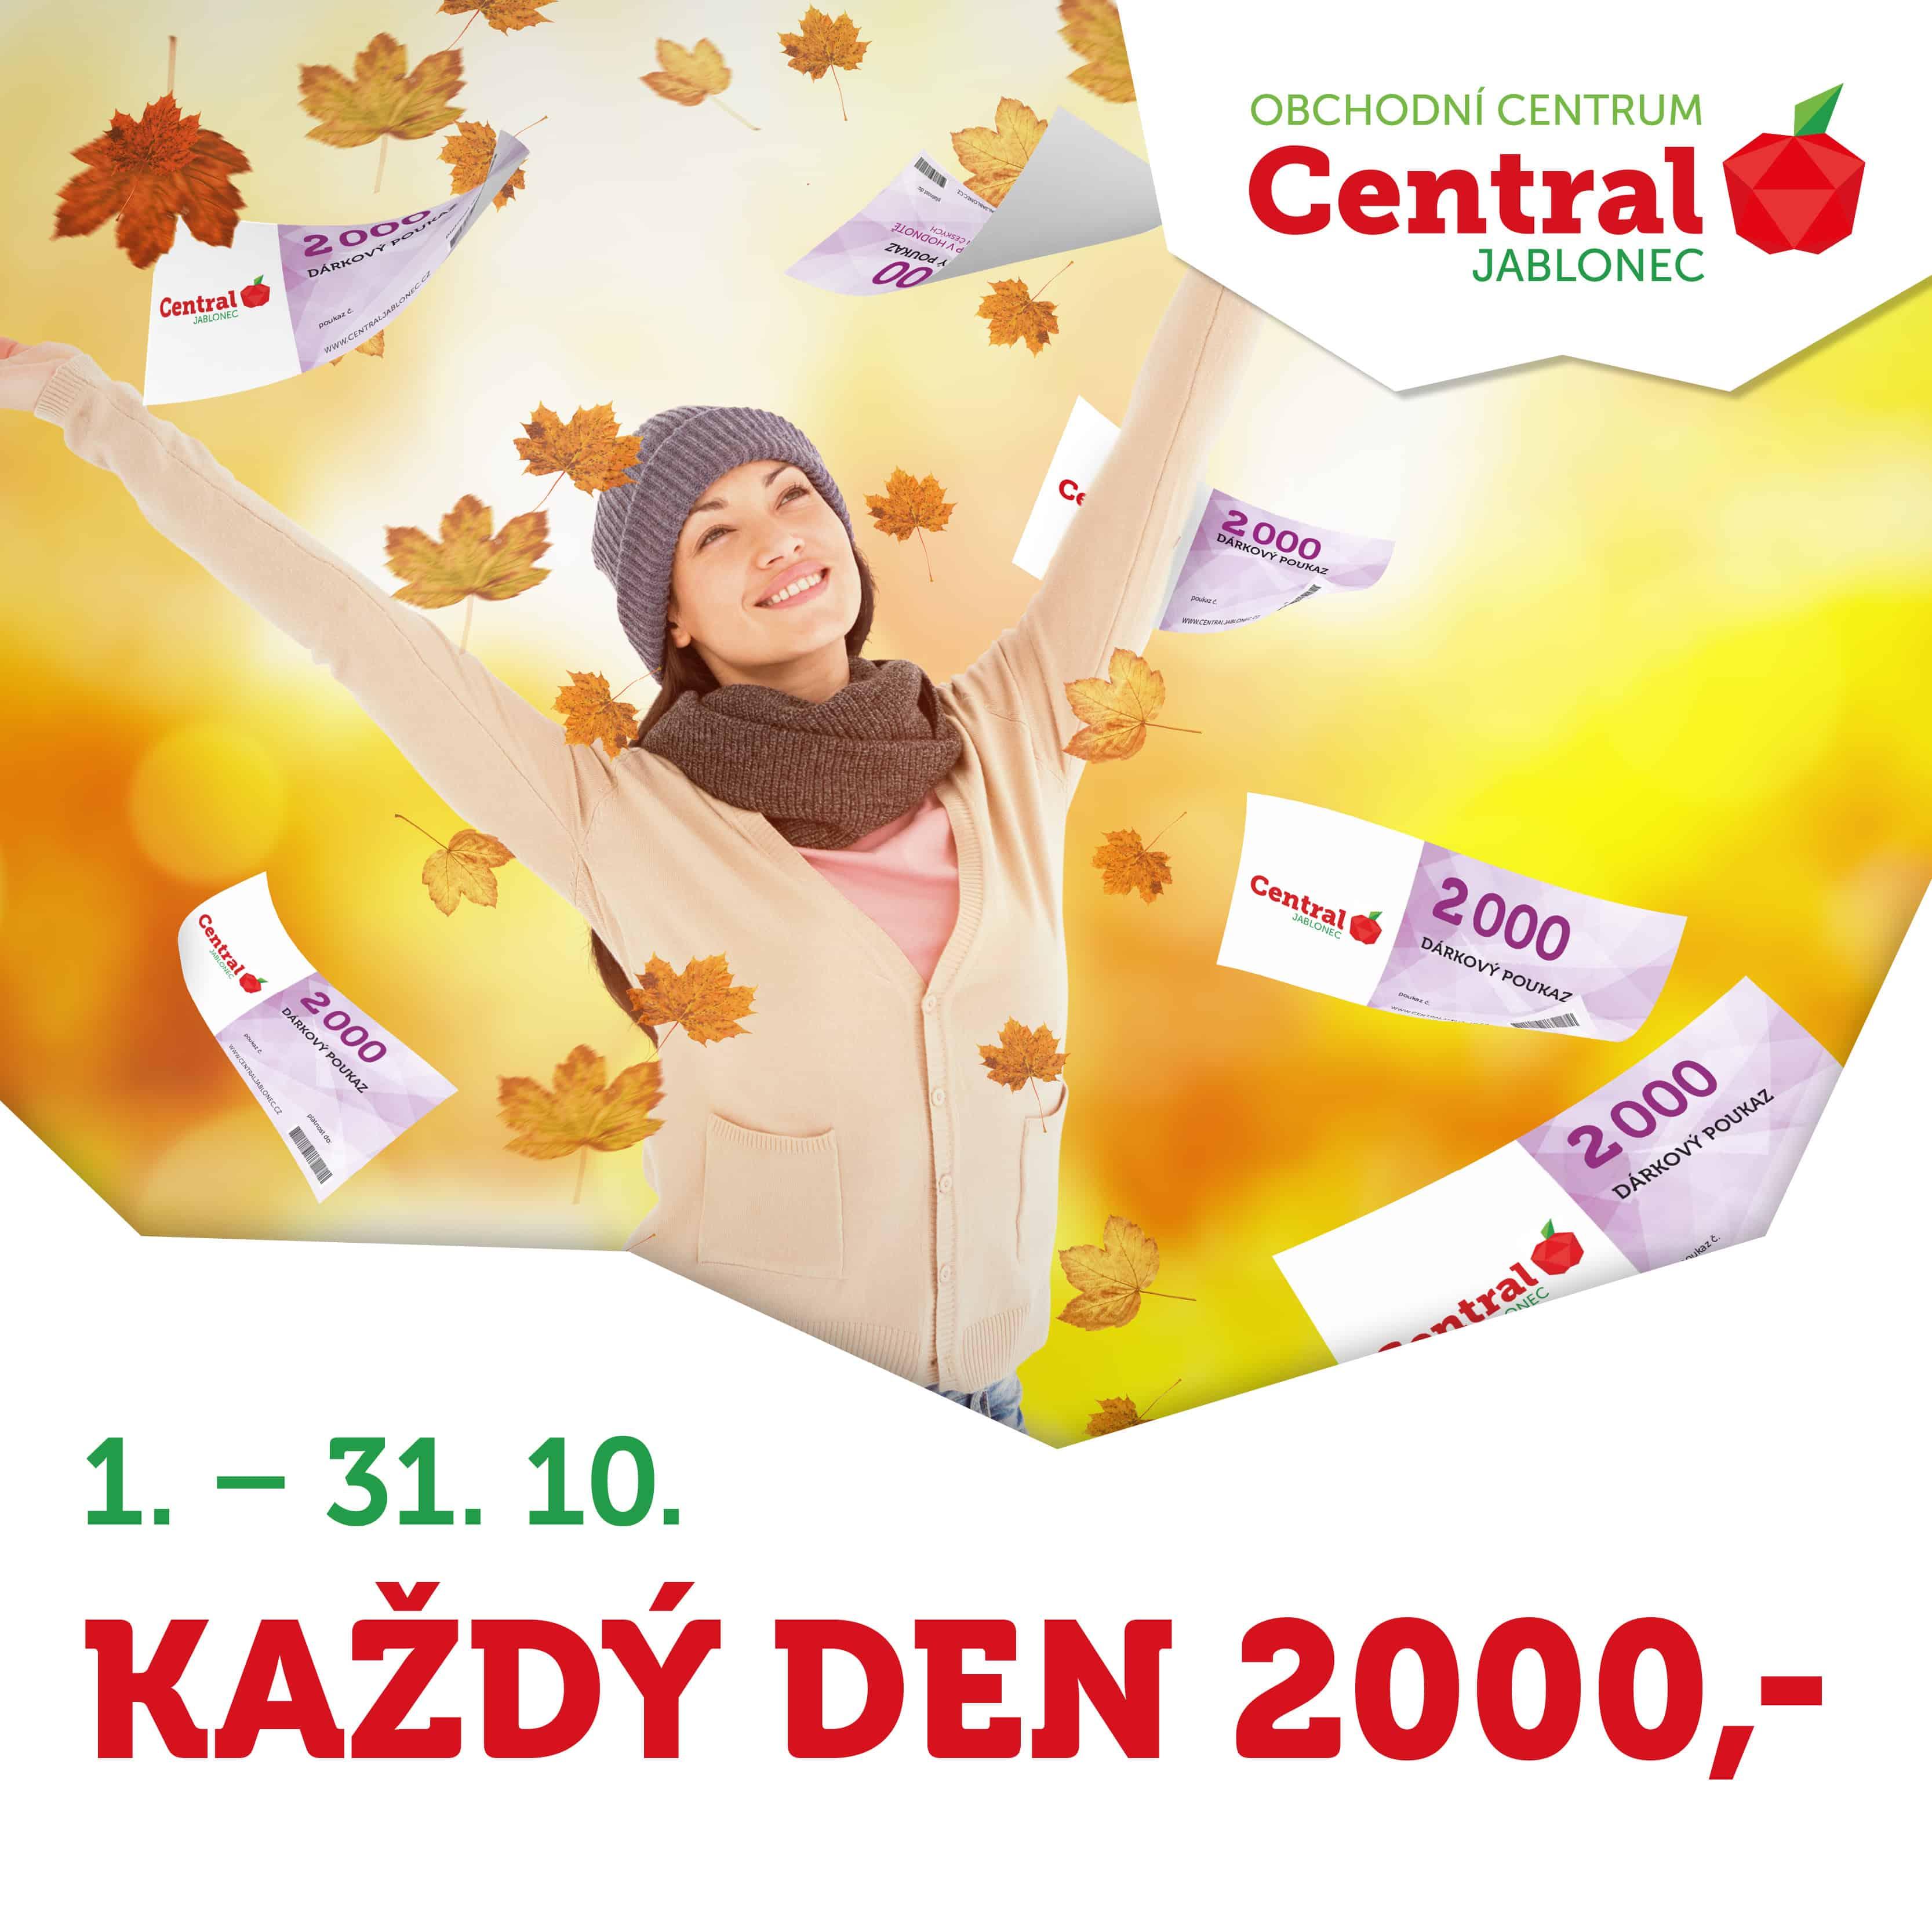 40873cde85 Každý den 2000 Kč – celý říjen! Každý říjnový den rozdáváme dárkové  poukázky Central Jablonec ...